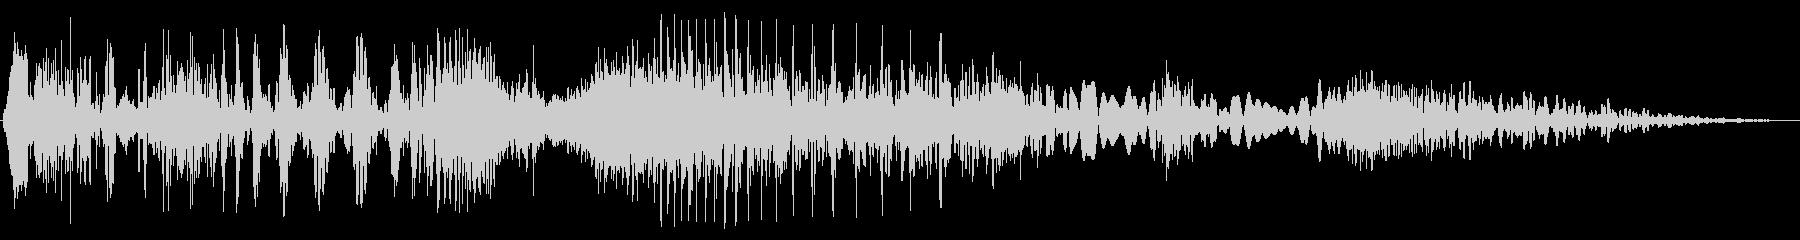 短い歪みノイズの未再生の波形